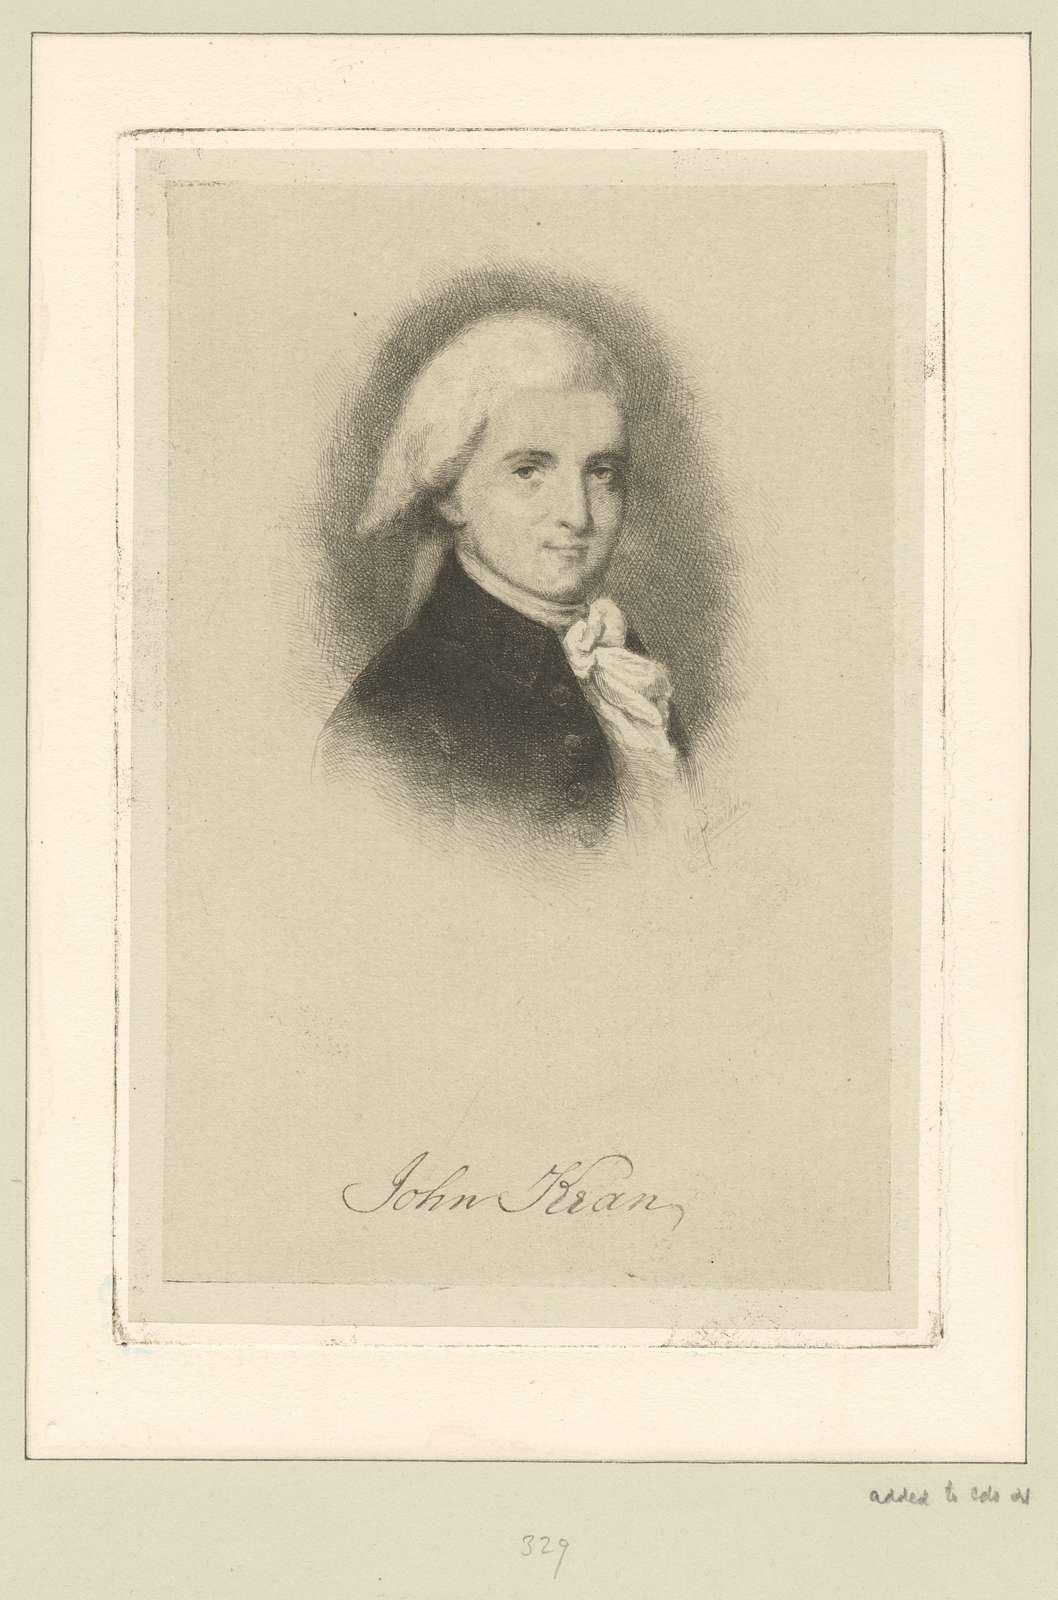 John Kean.